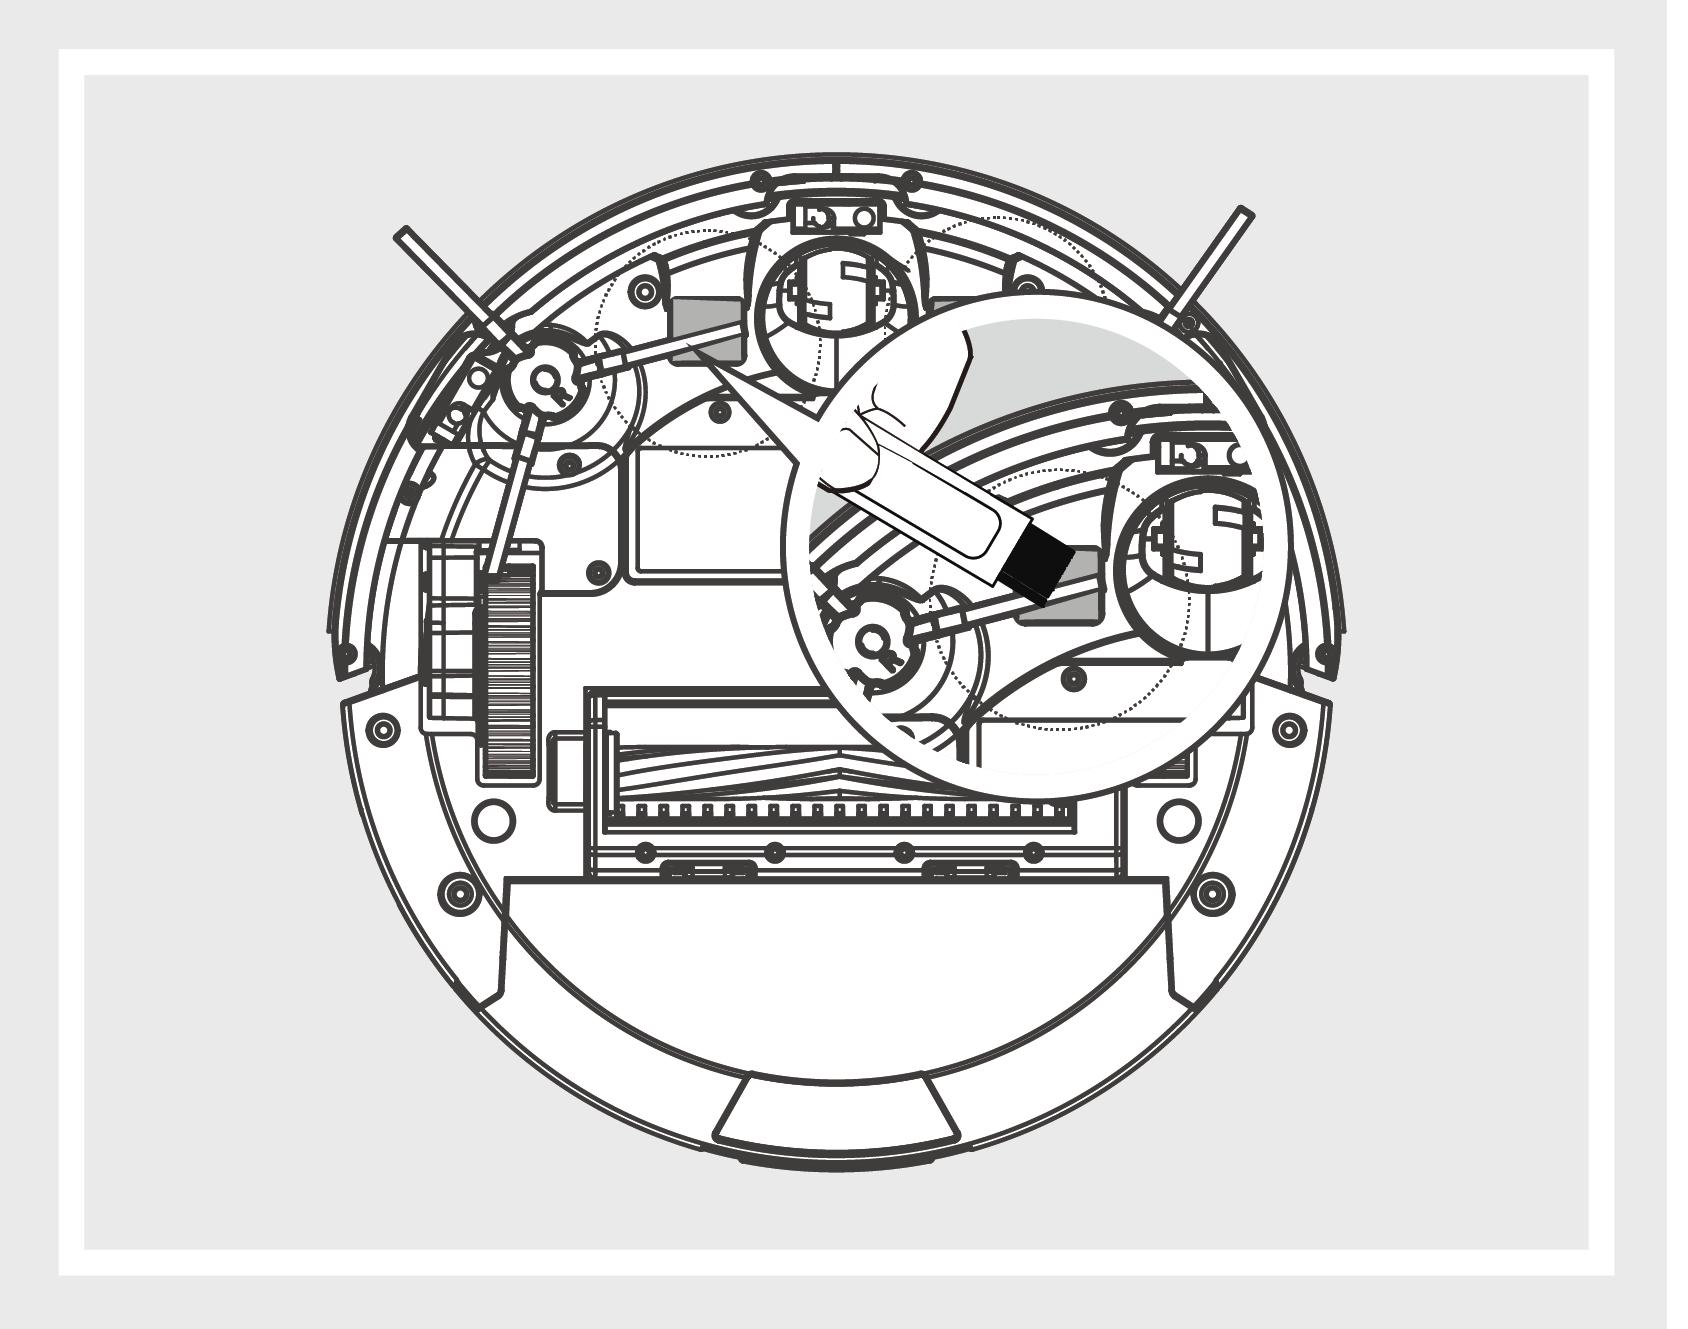 Robô Aspirador de Pó JETS J1 - Pinos de recarregamento 1